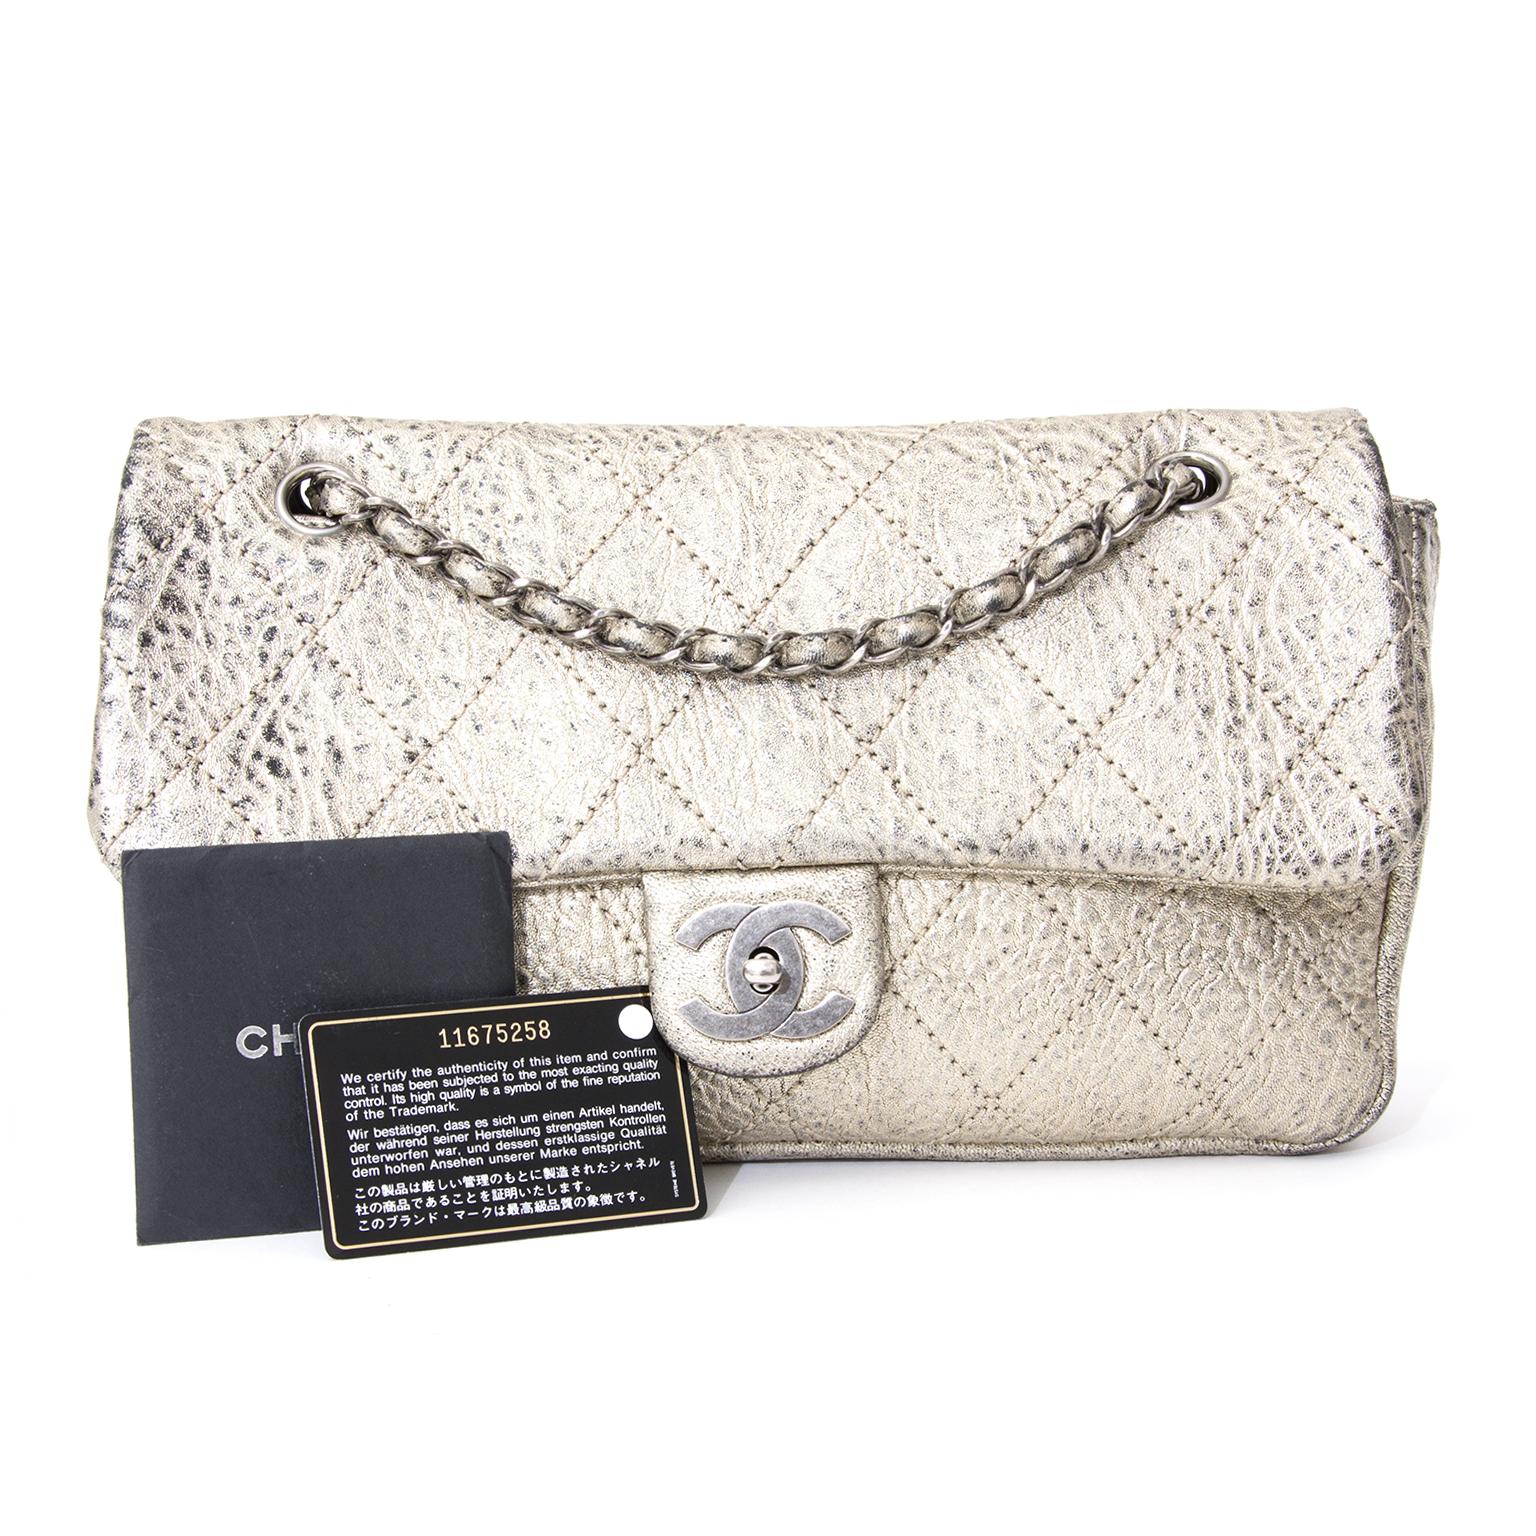 b279fbc1f8e19 ... koop veilig online tweedehands chanel Rare Chanel Aged Silver Classic  Flap Bag aan de beste prijs